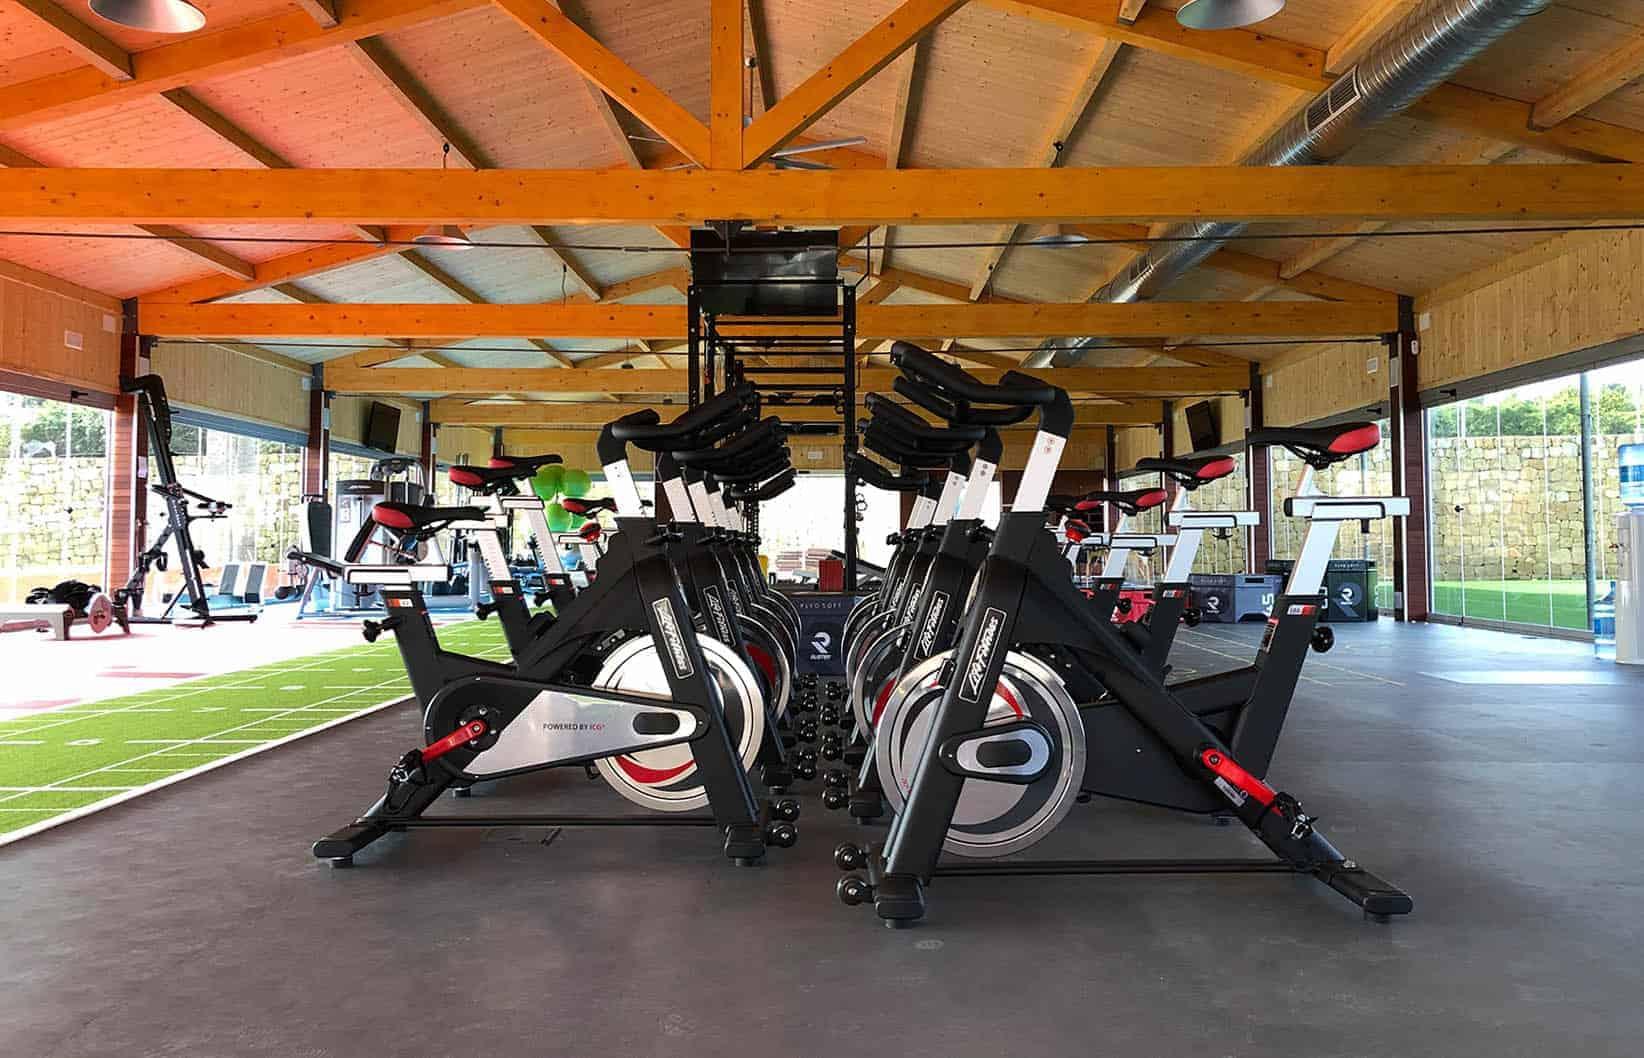 marbella-football-center-training-facilities-06